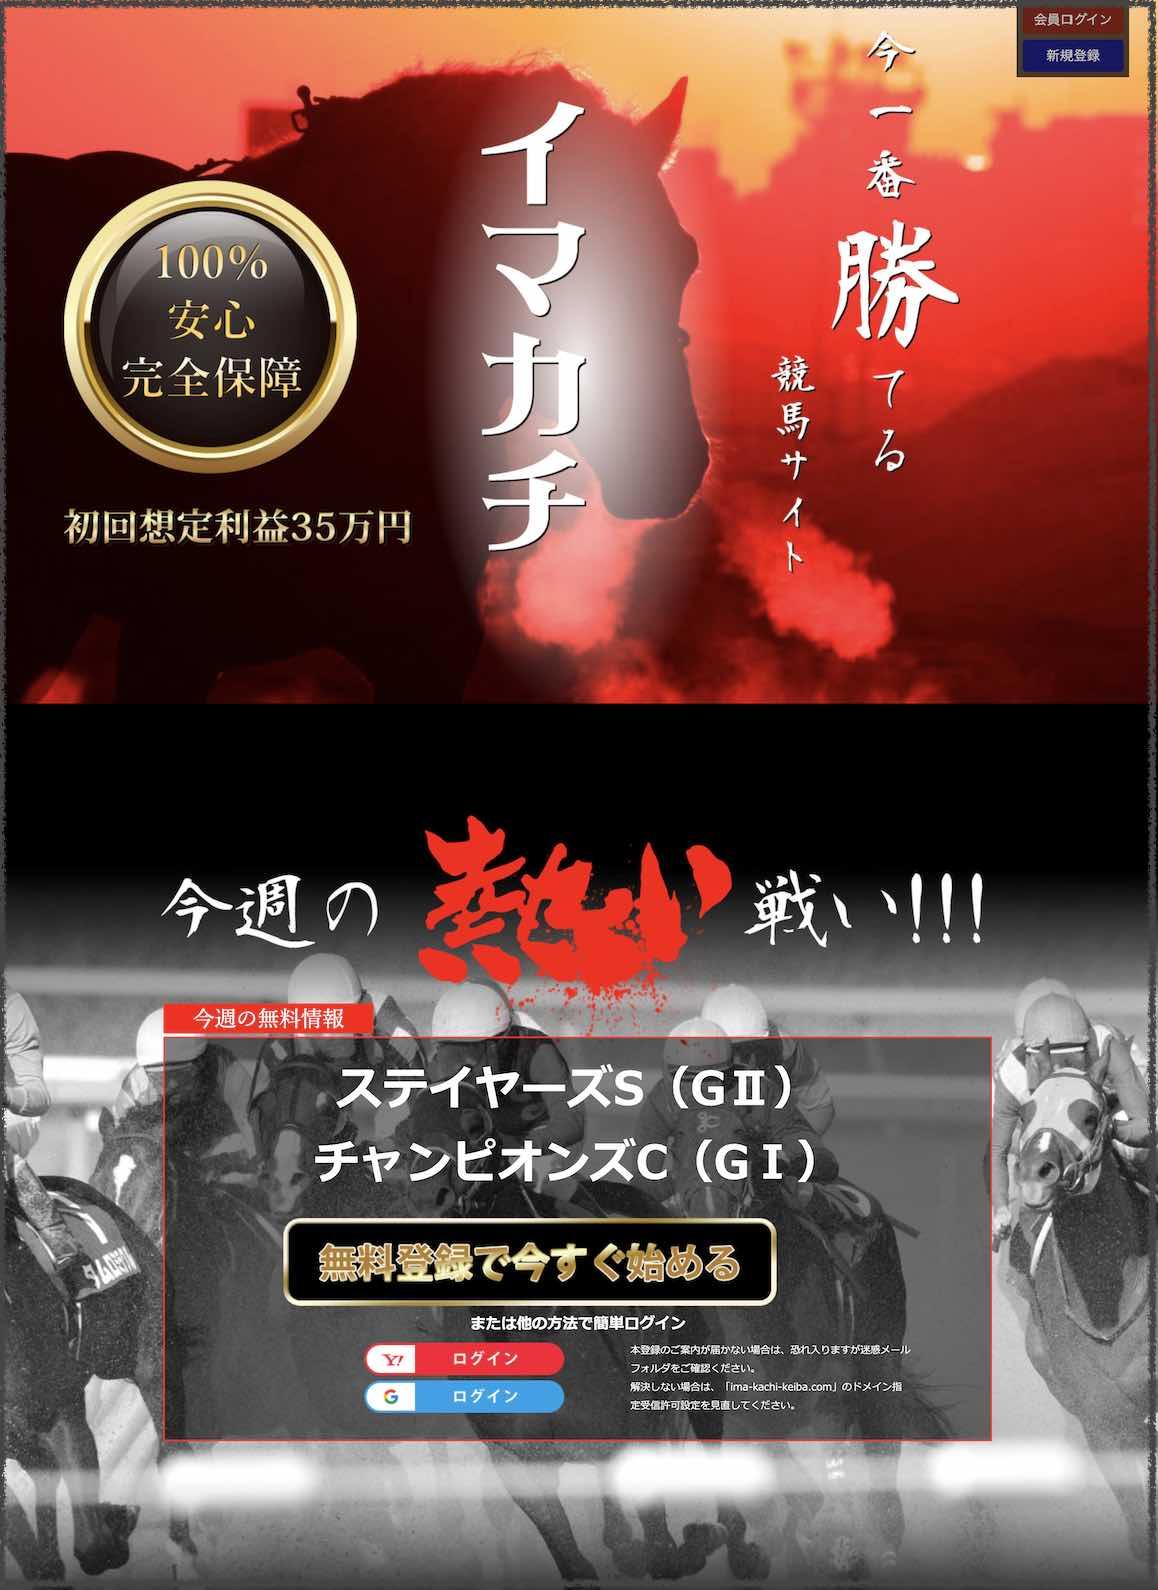 イマカチという競馬予想サイトの非会員ページ